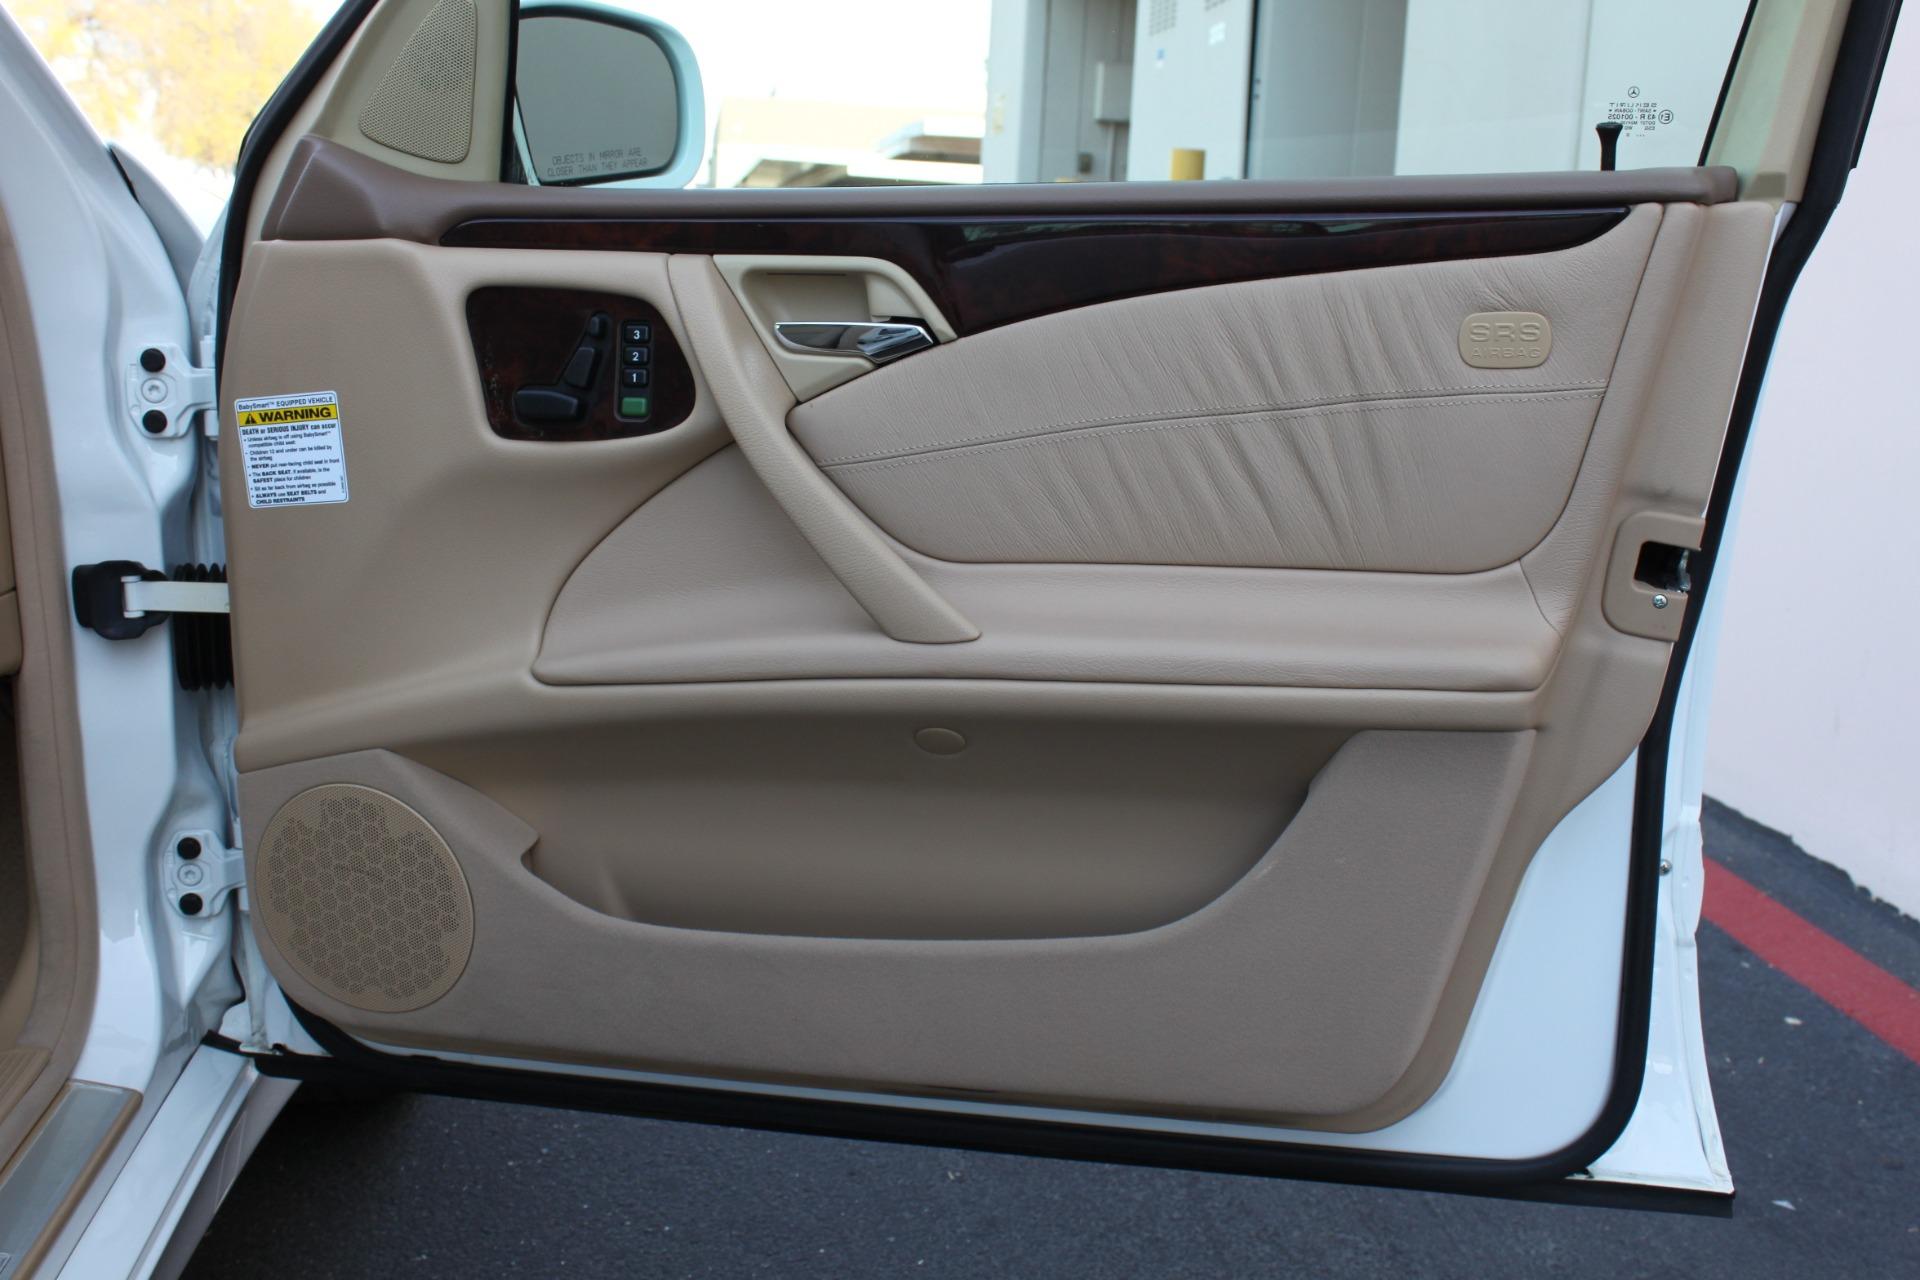 Used-2000-Mercedes-Benz-E-Class-Wagon-Wrangler